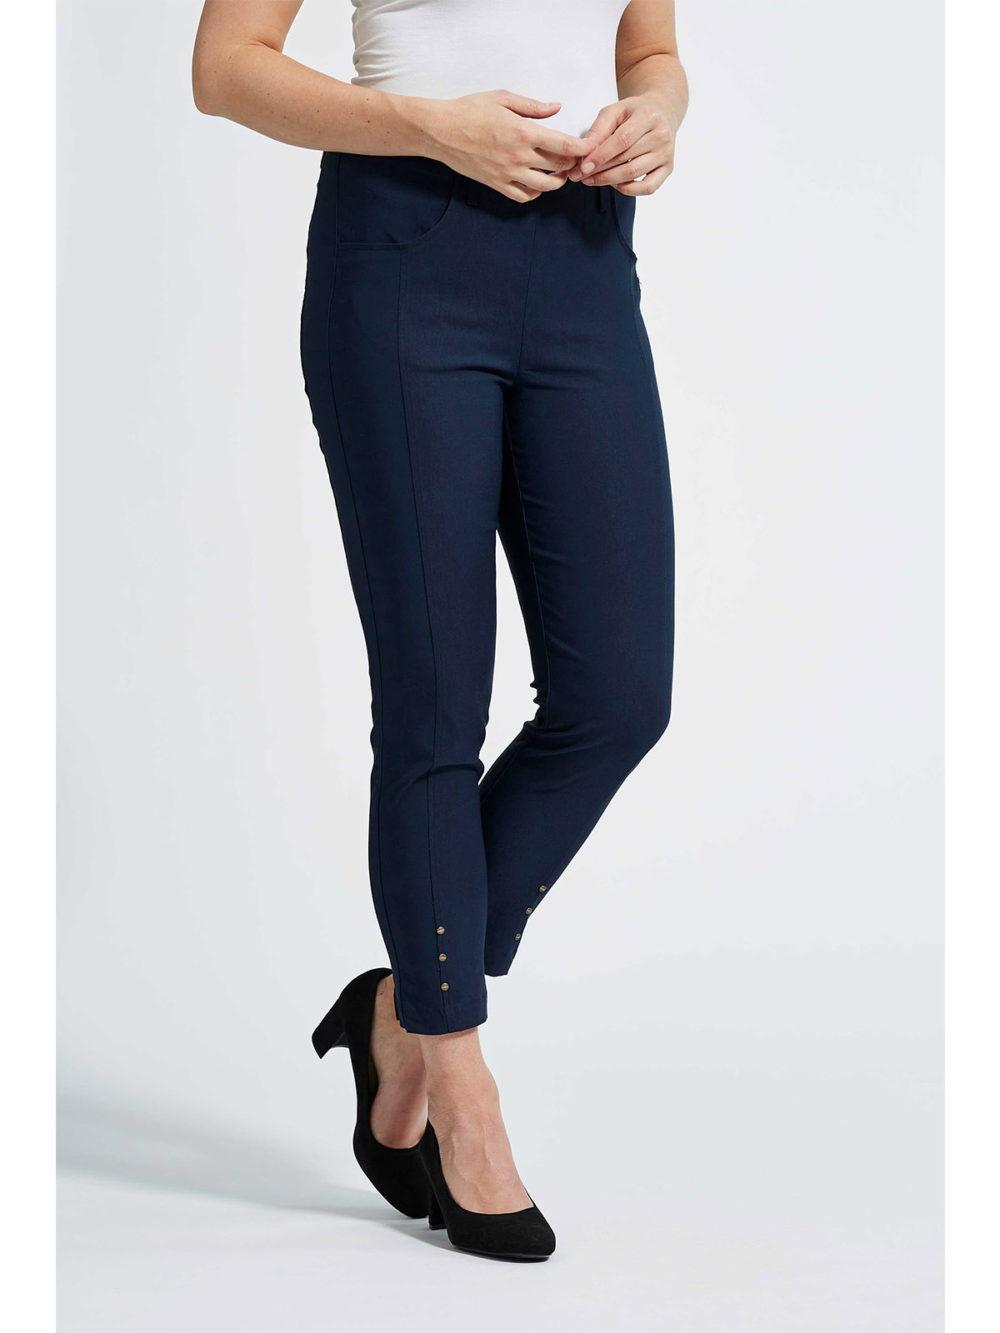 Chloe Slim Trousers Laurie katie kerr Women's clothing